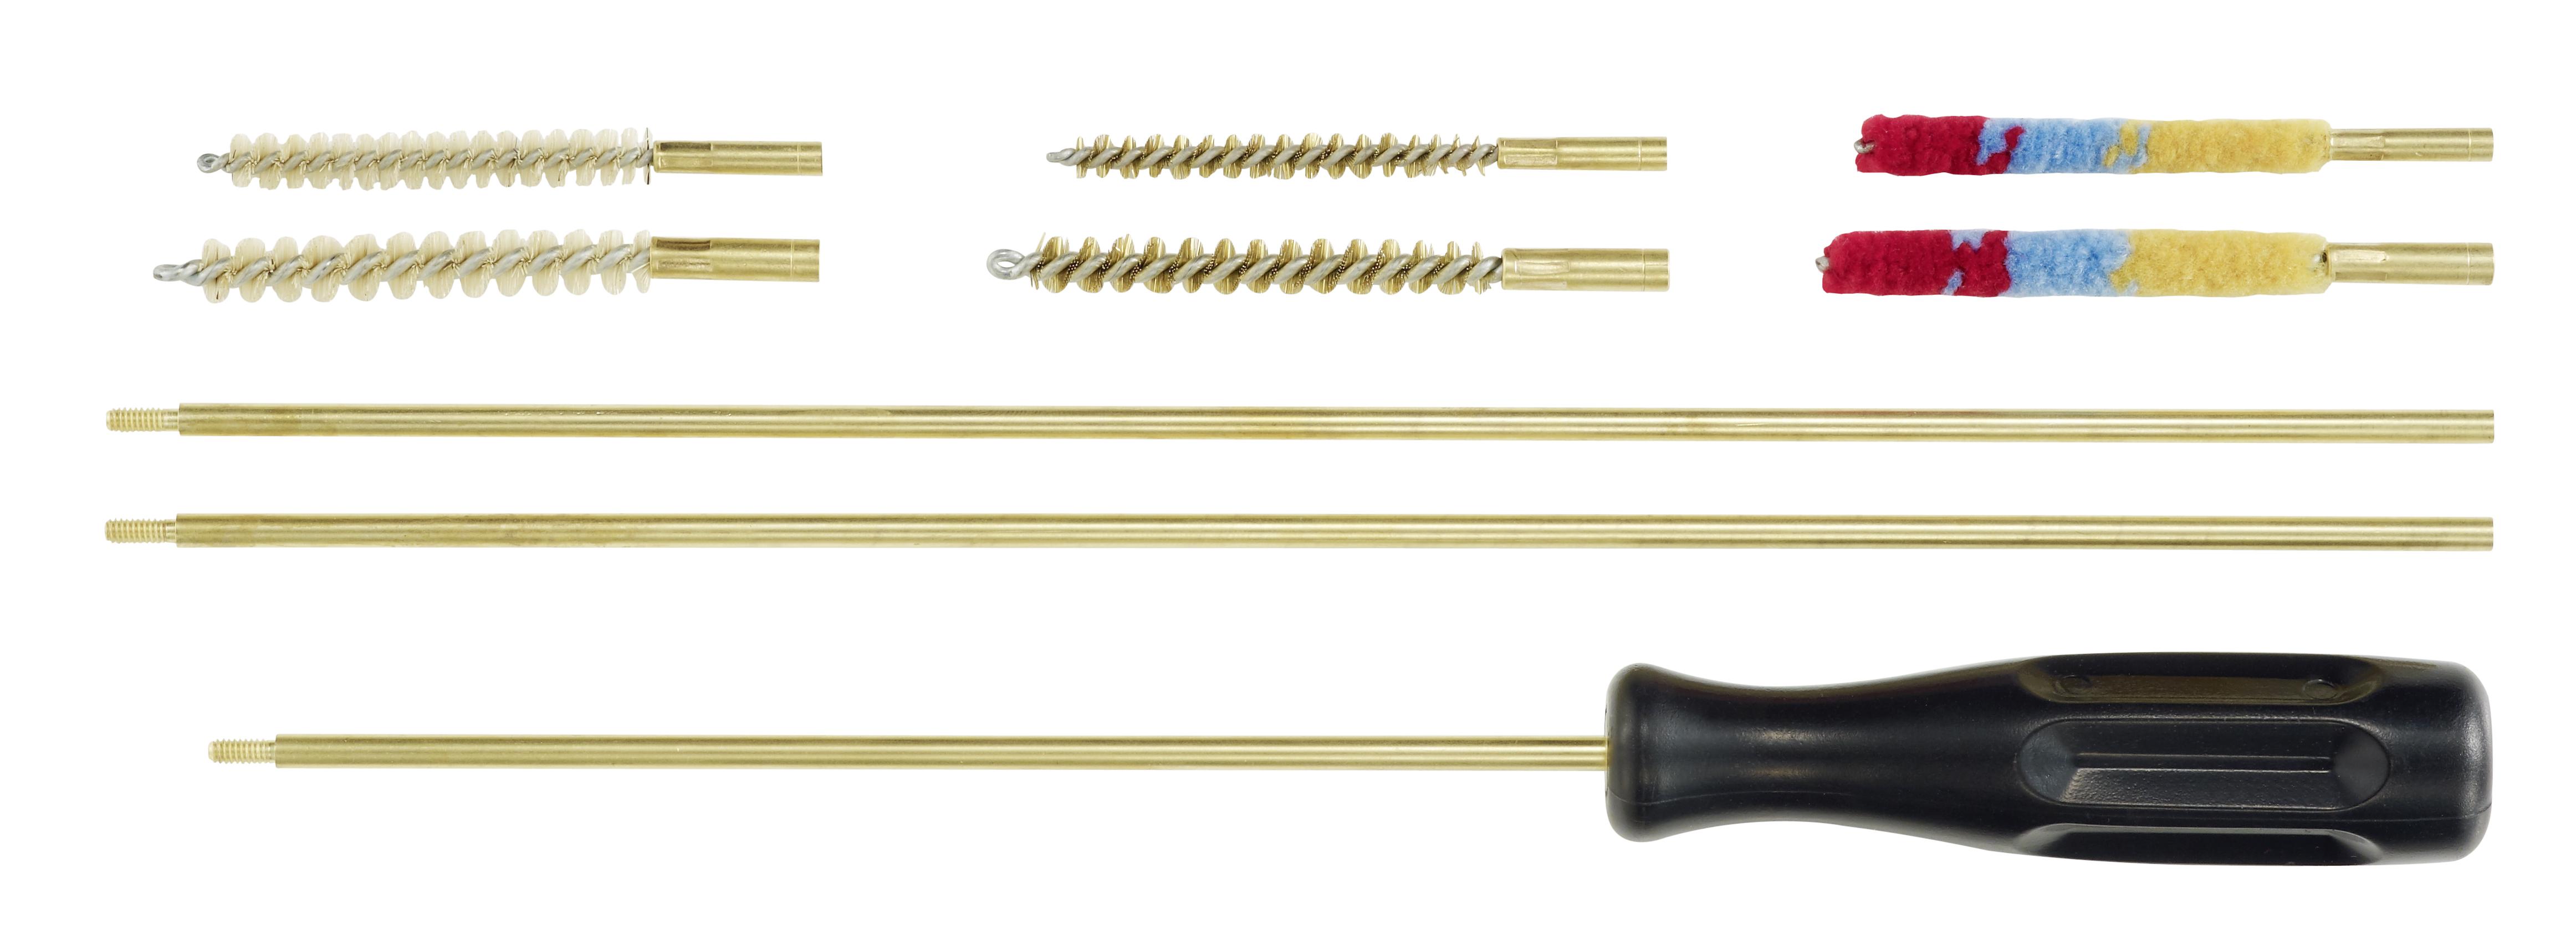 UMAREX Airgun Cleaning Kit Universal